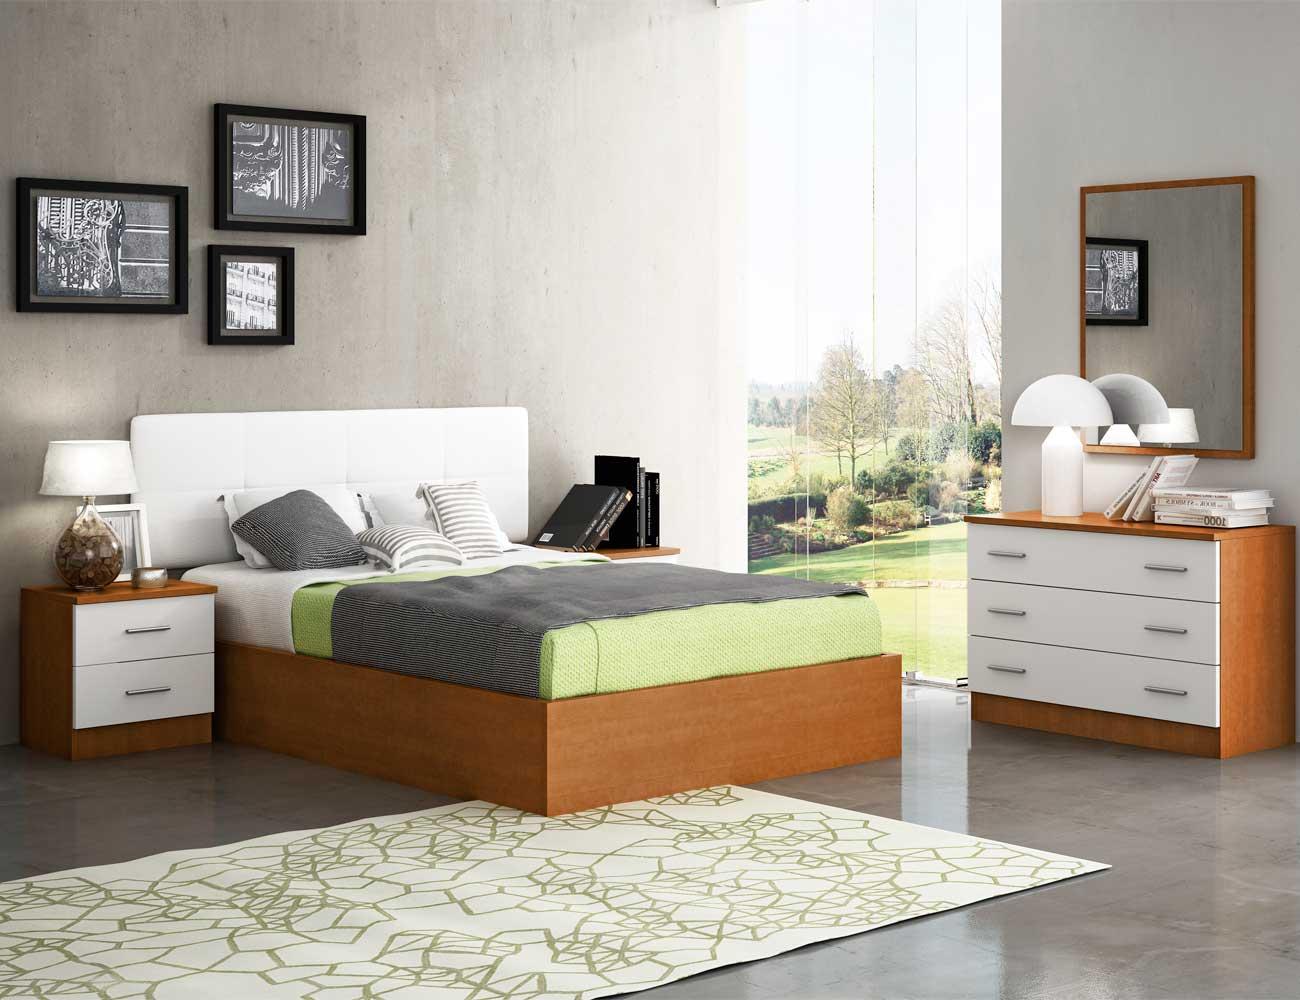 Dormitorio matrimonio estilo moderno pu deva nogal blanco